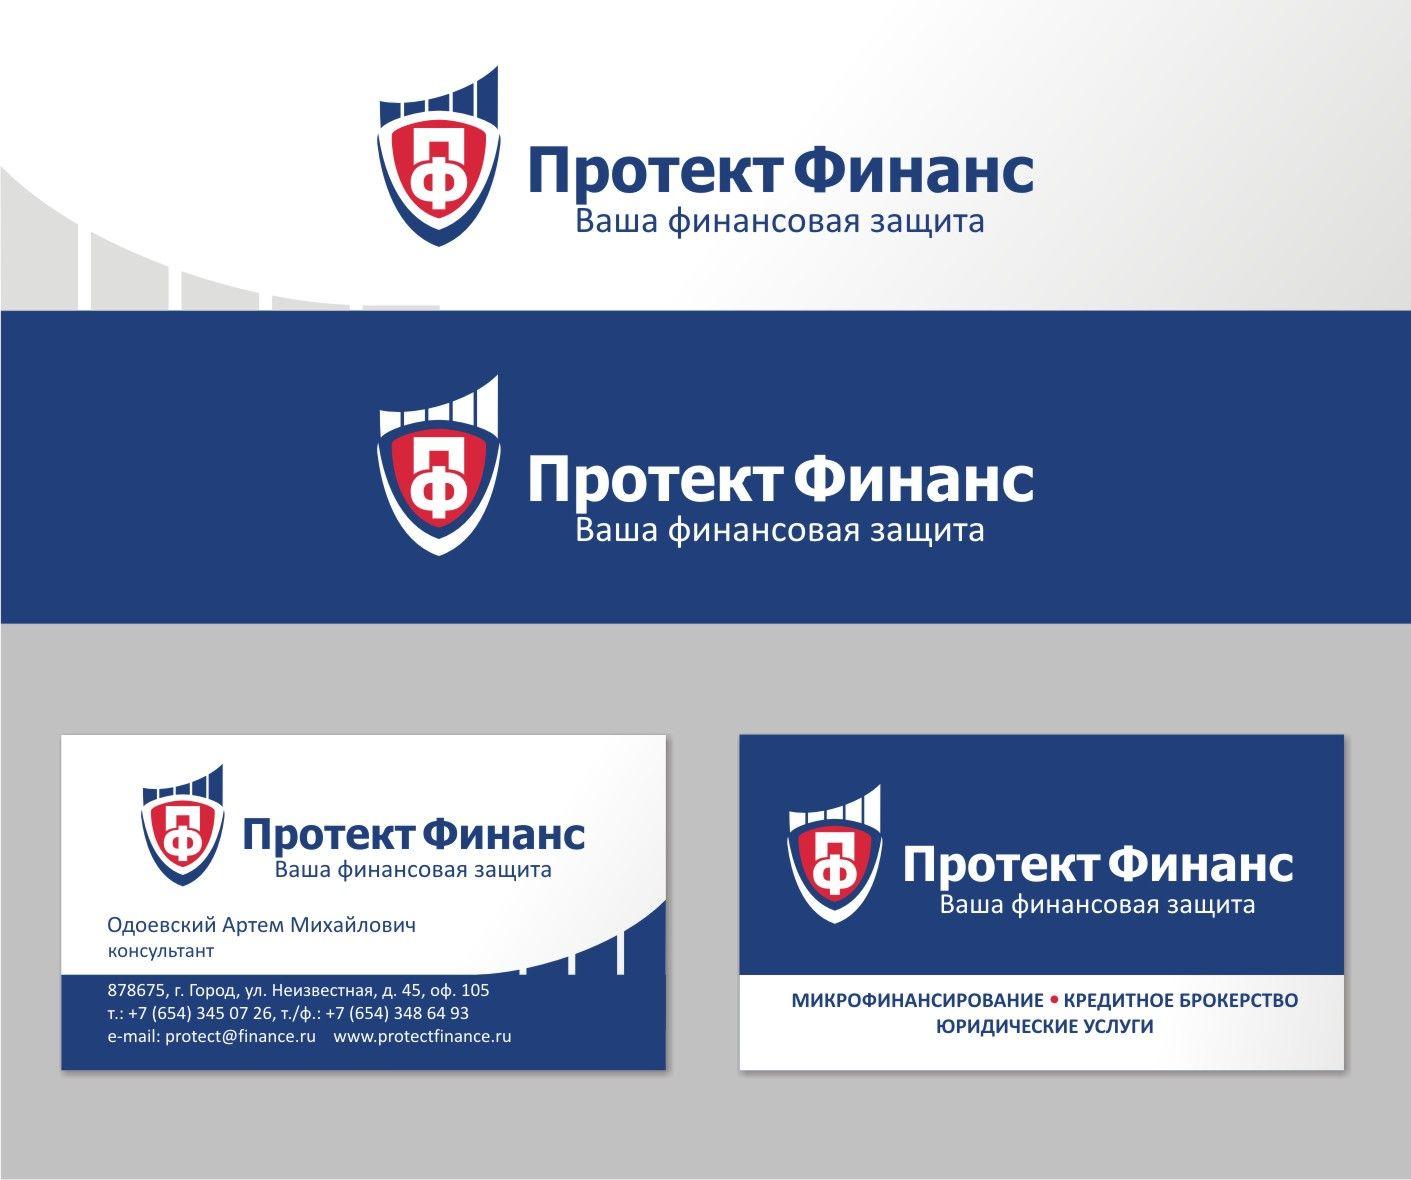 Фирм.стиль для ООО МФО «Протект Финанс» - дизайнер ideograph